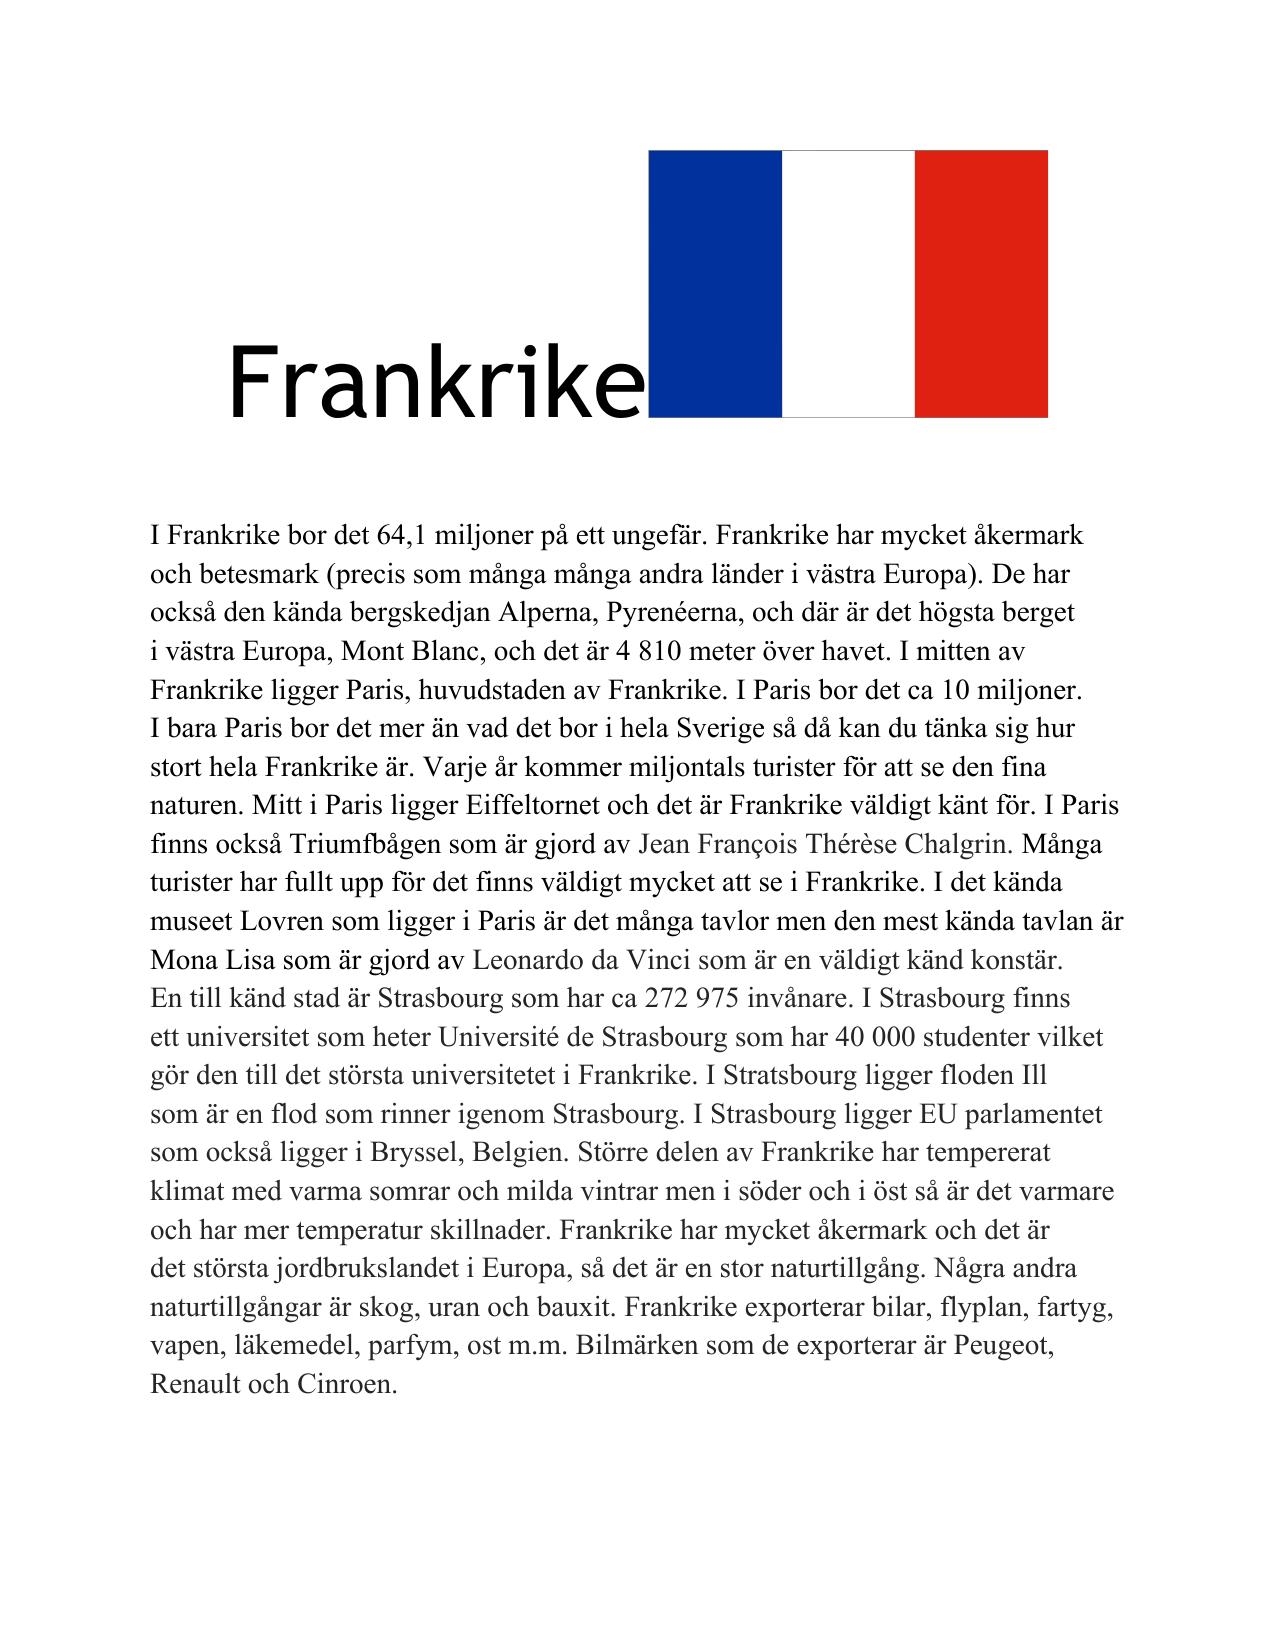 Frankrike Grisbacka02a